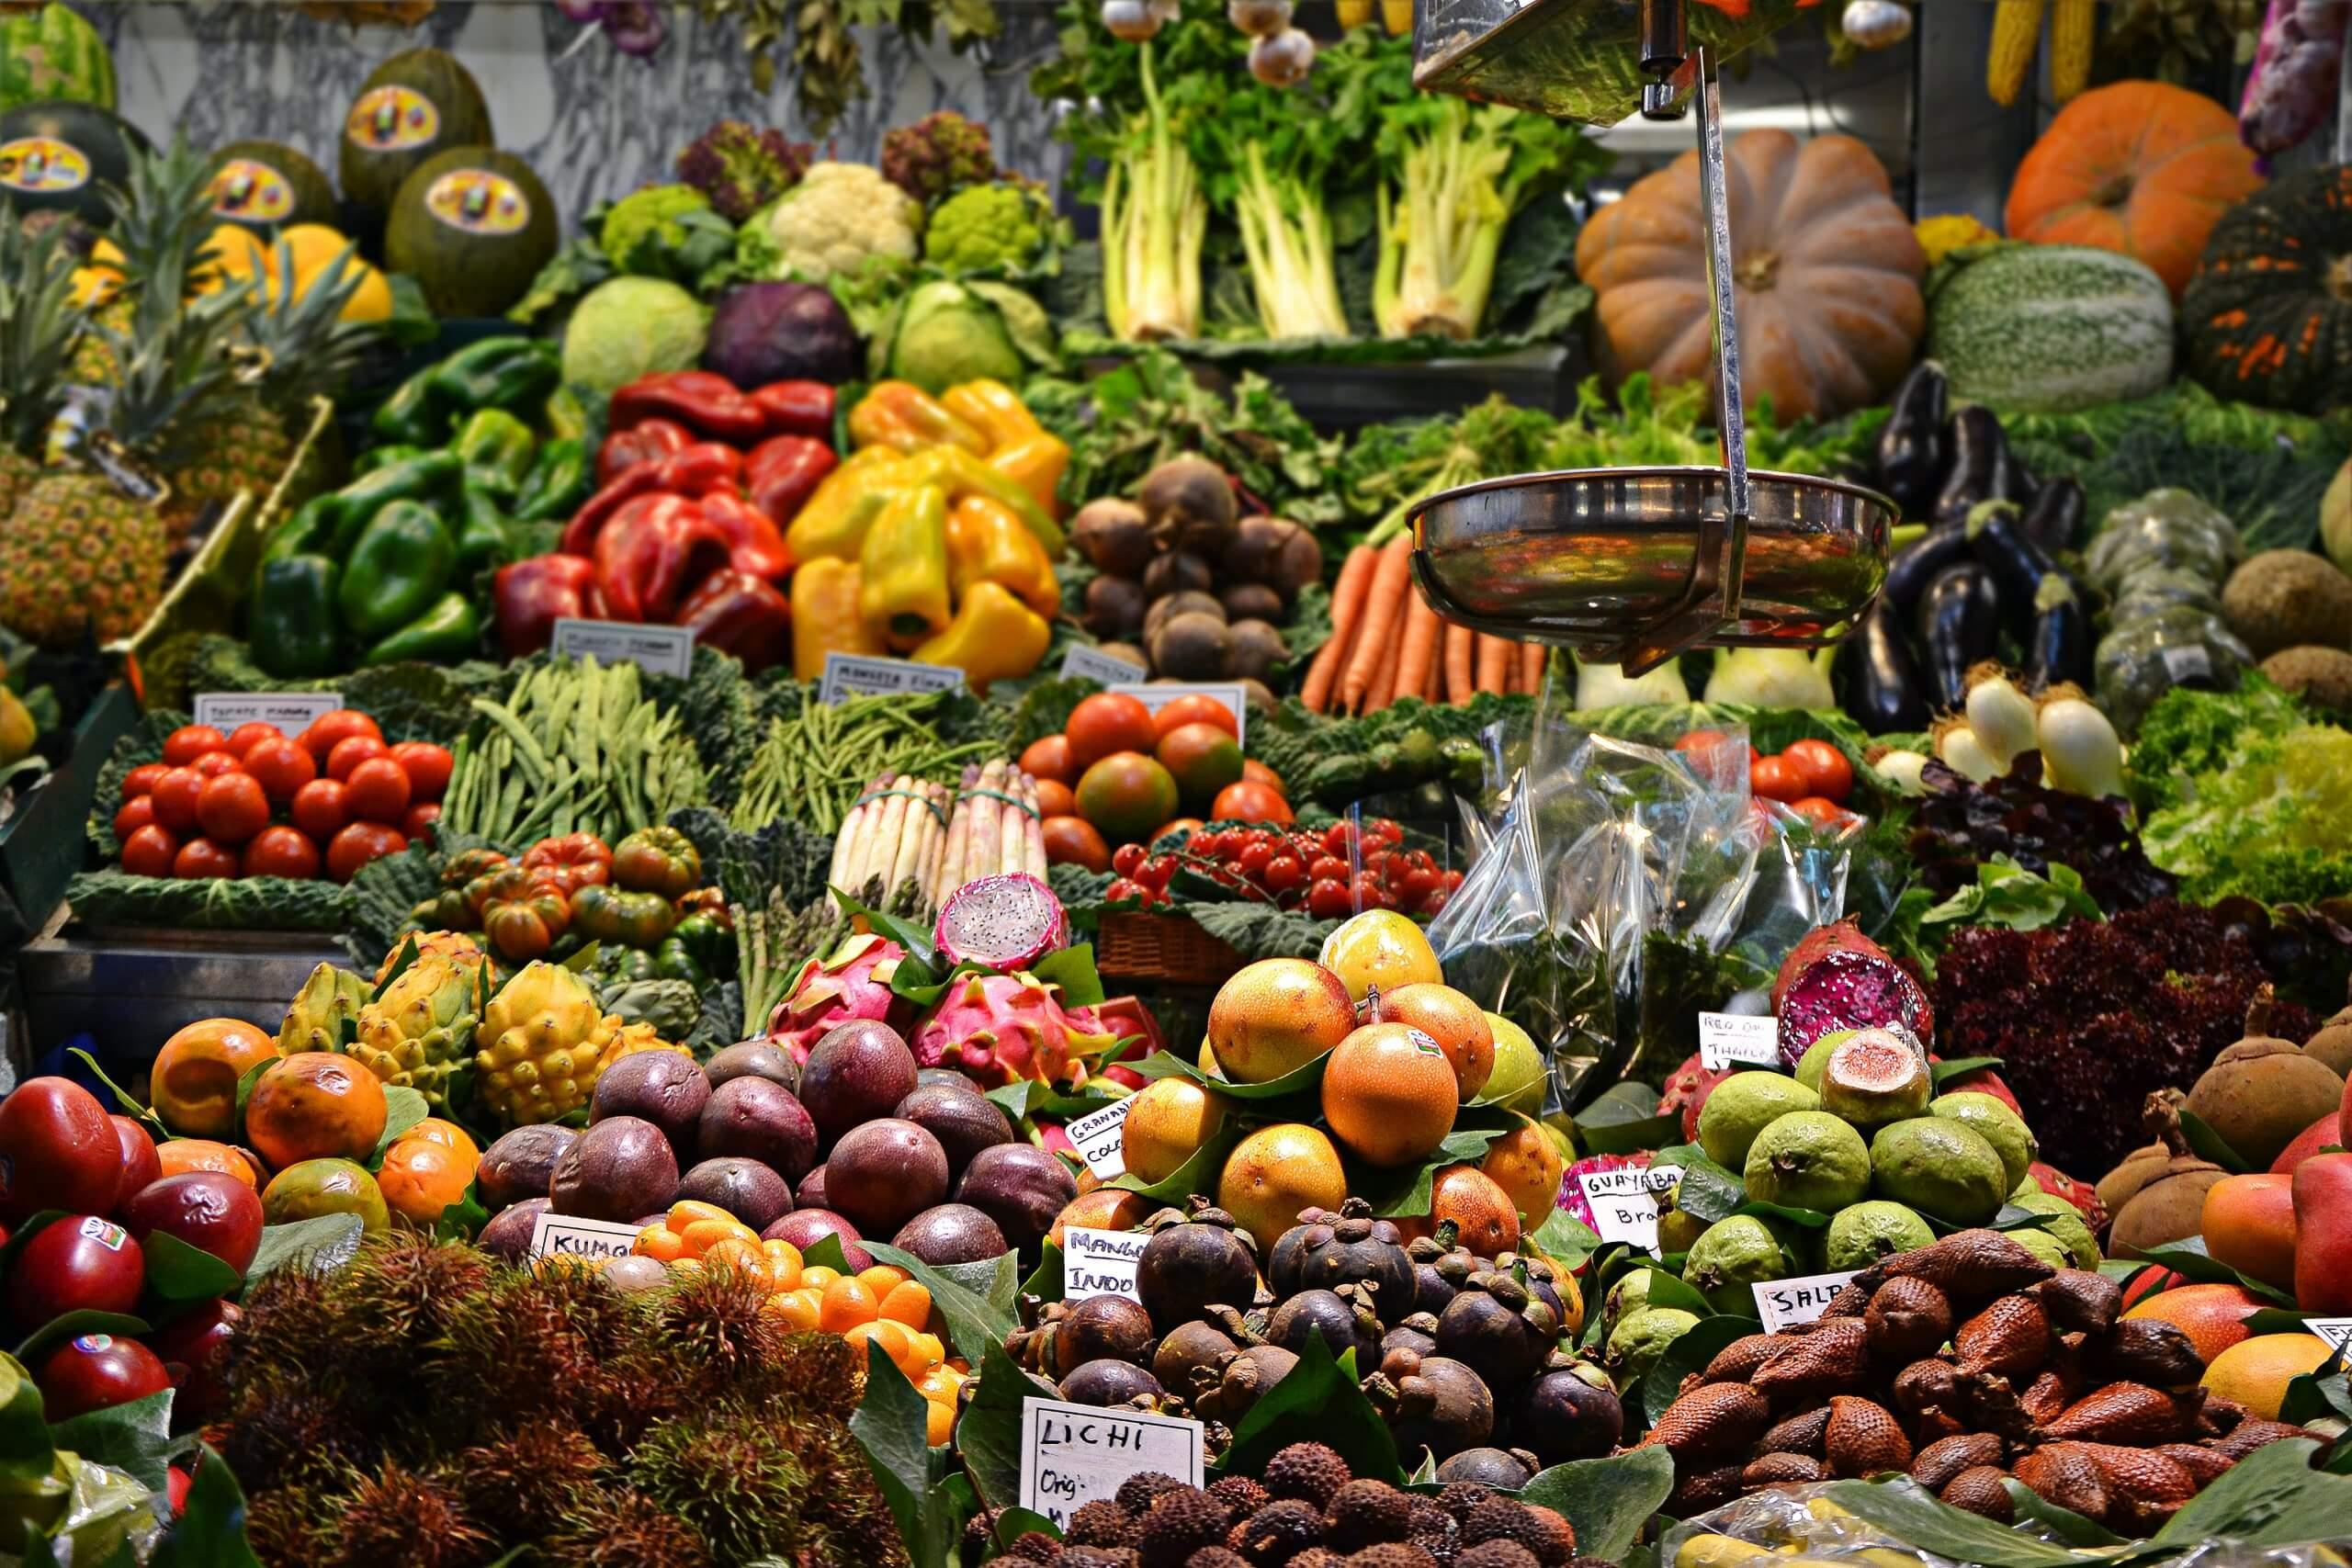 Замороженные овощные смеси: состав, популярные варианты, приготовление своими руками и варианты блюд с такими смесями